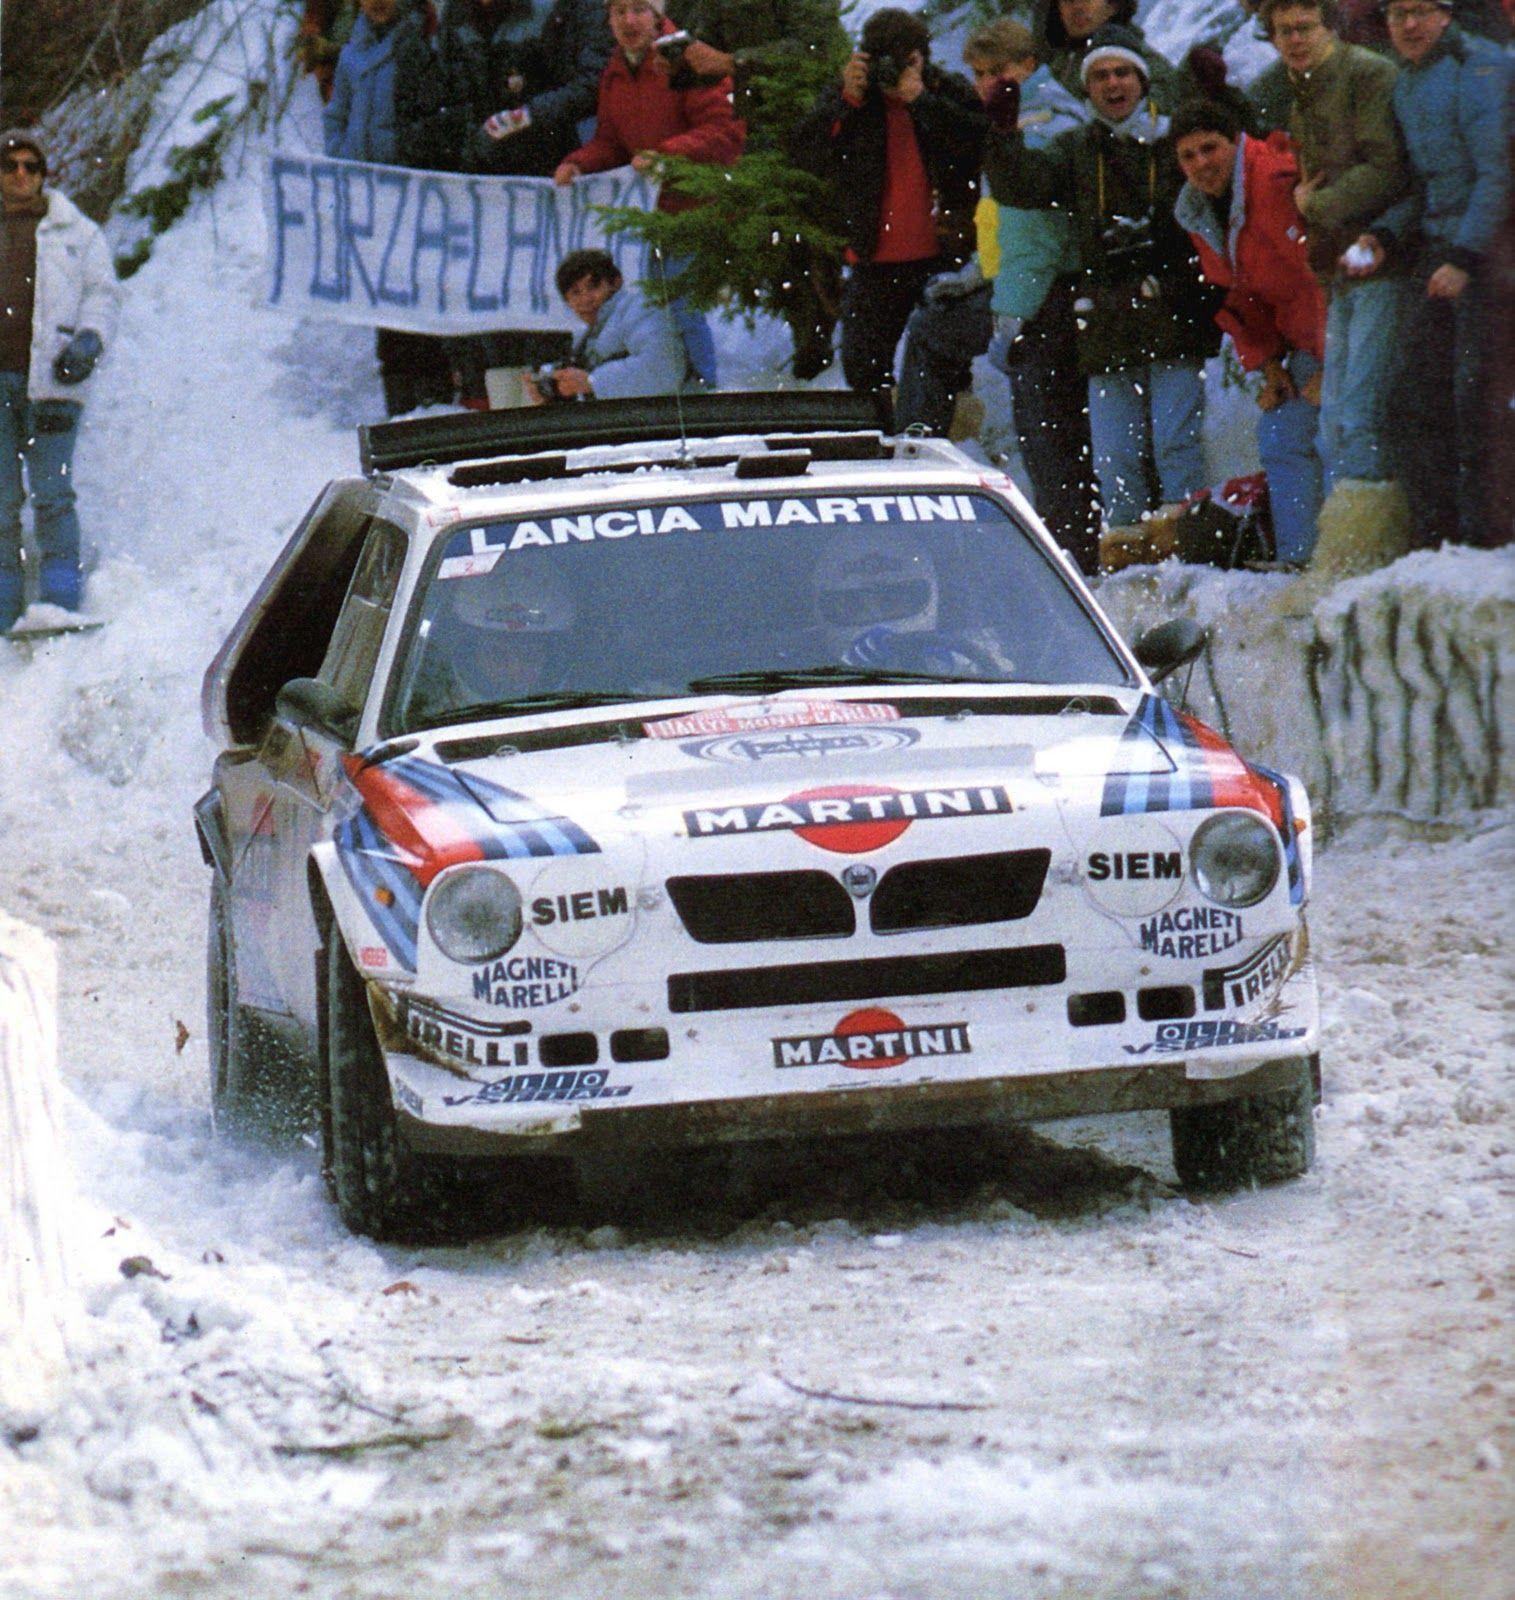 [Aoshima Beemax ] 1/24 Lancia Delta S4 Rallye de Monte Carlo 1986 0e98db0a8d5232950cde16c4e359f008